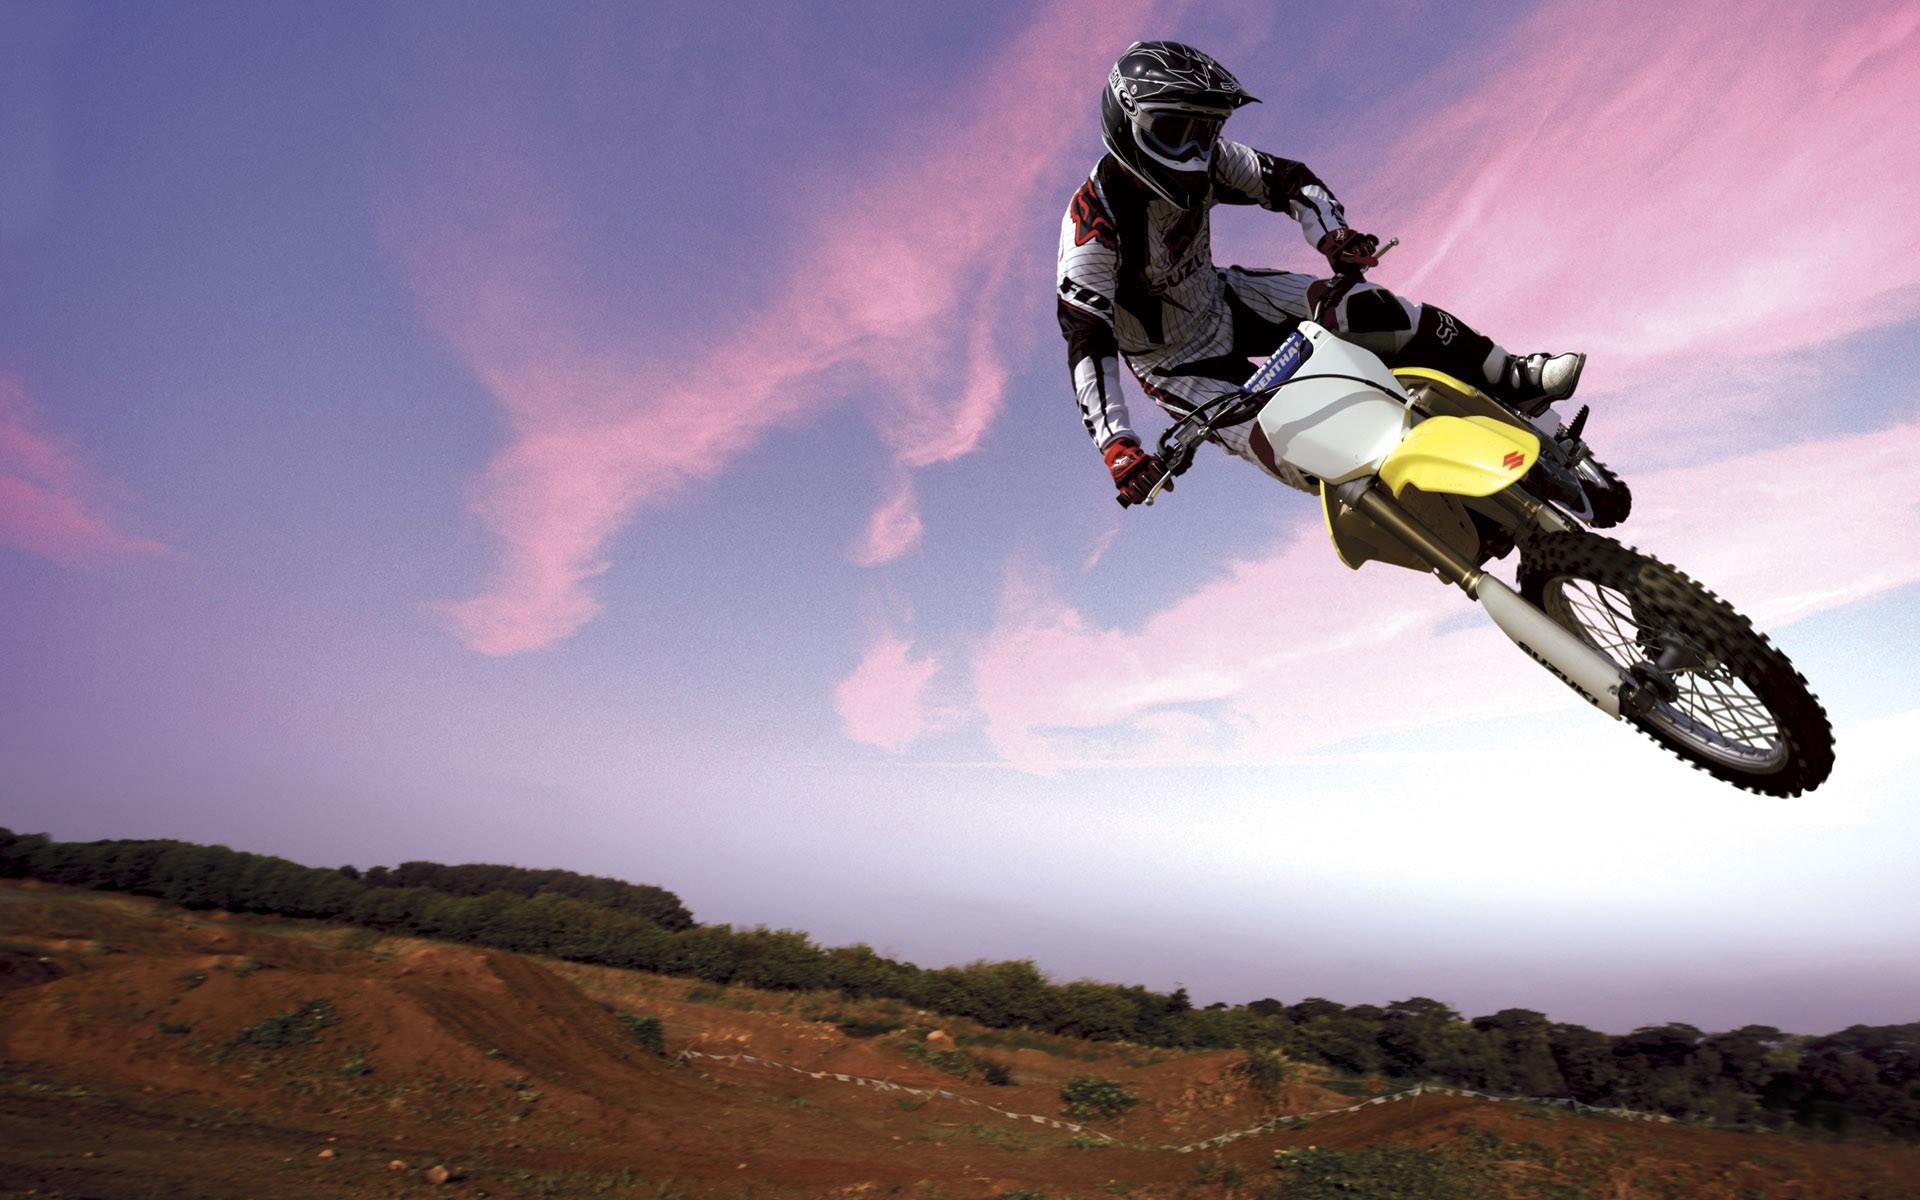 Salto en moto Suzuki - 1920x1200